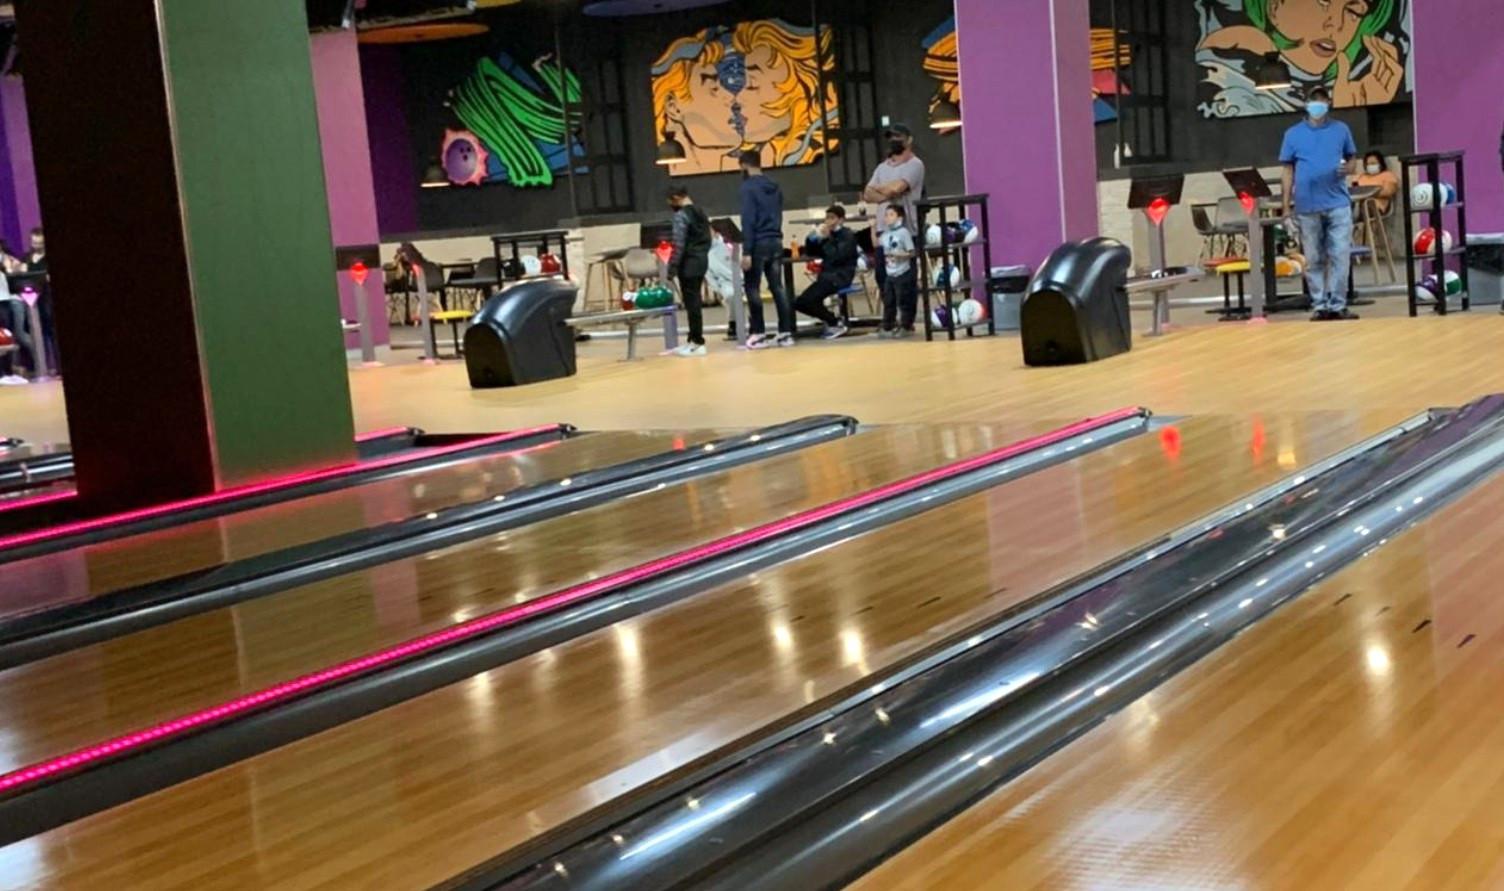 stadium-kidz-bowling-party-booking